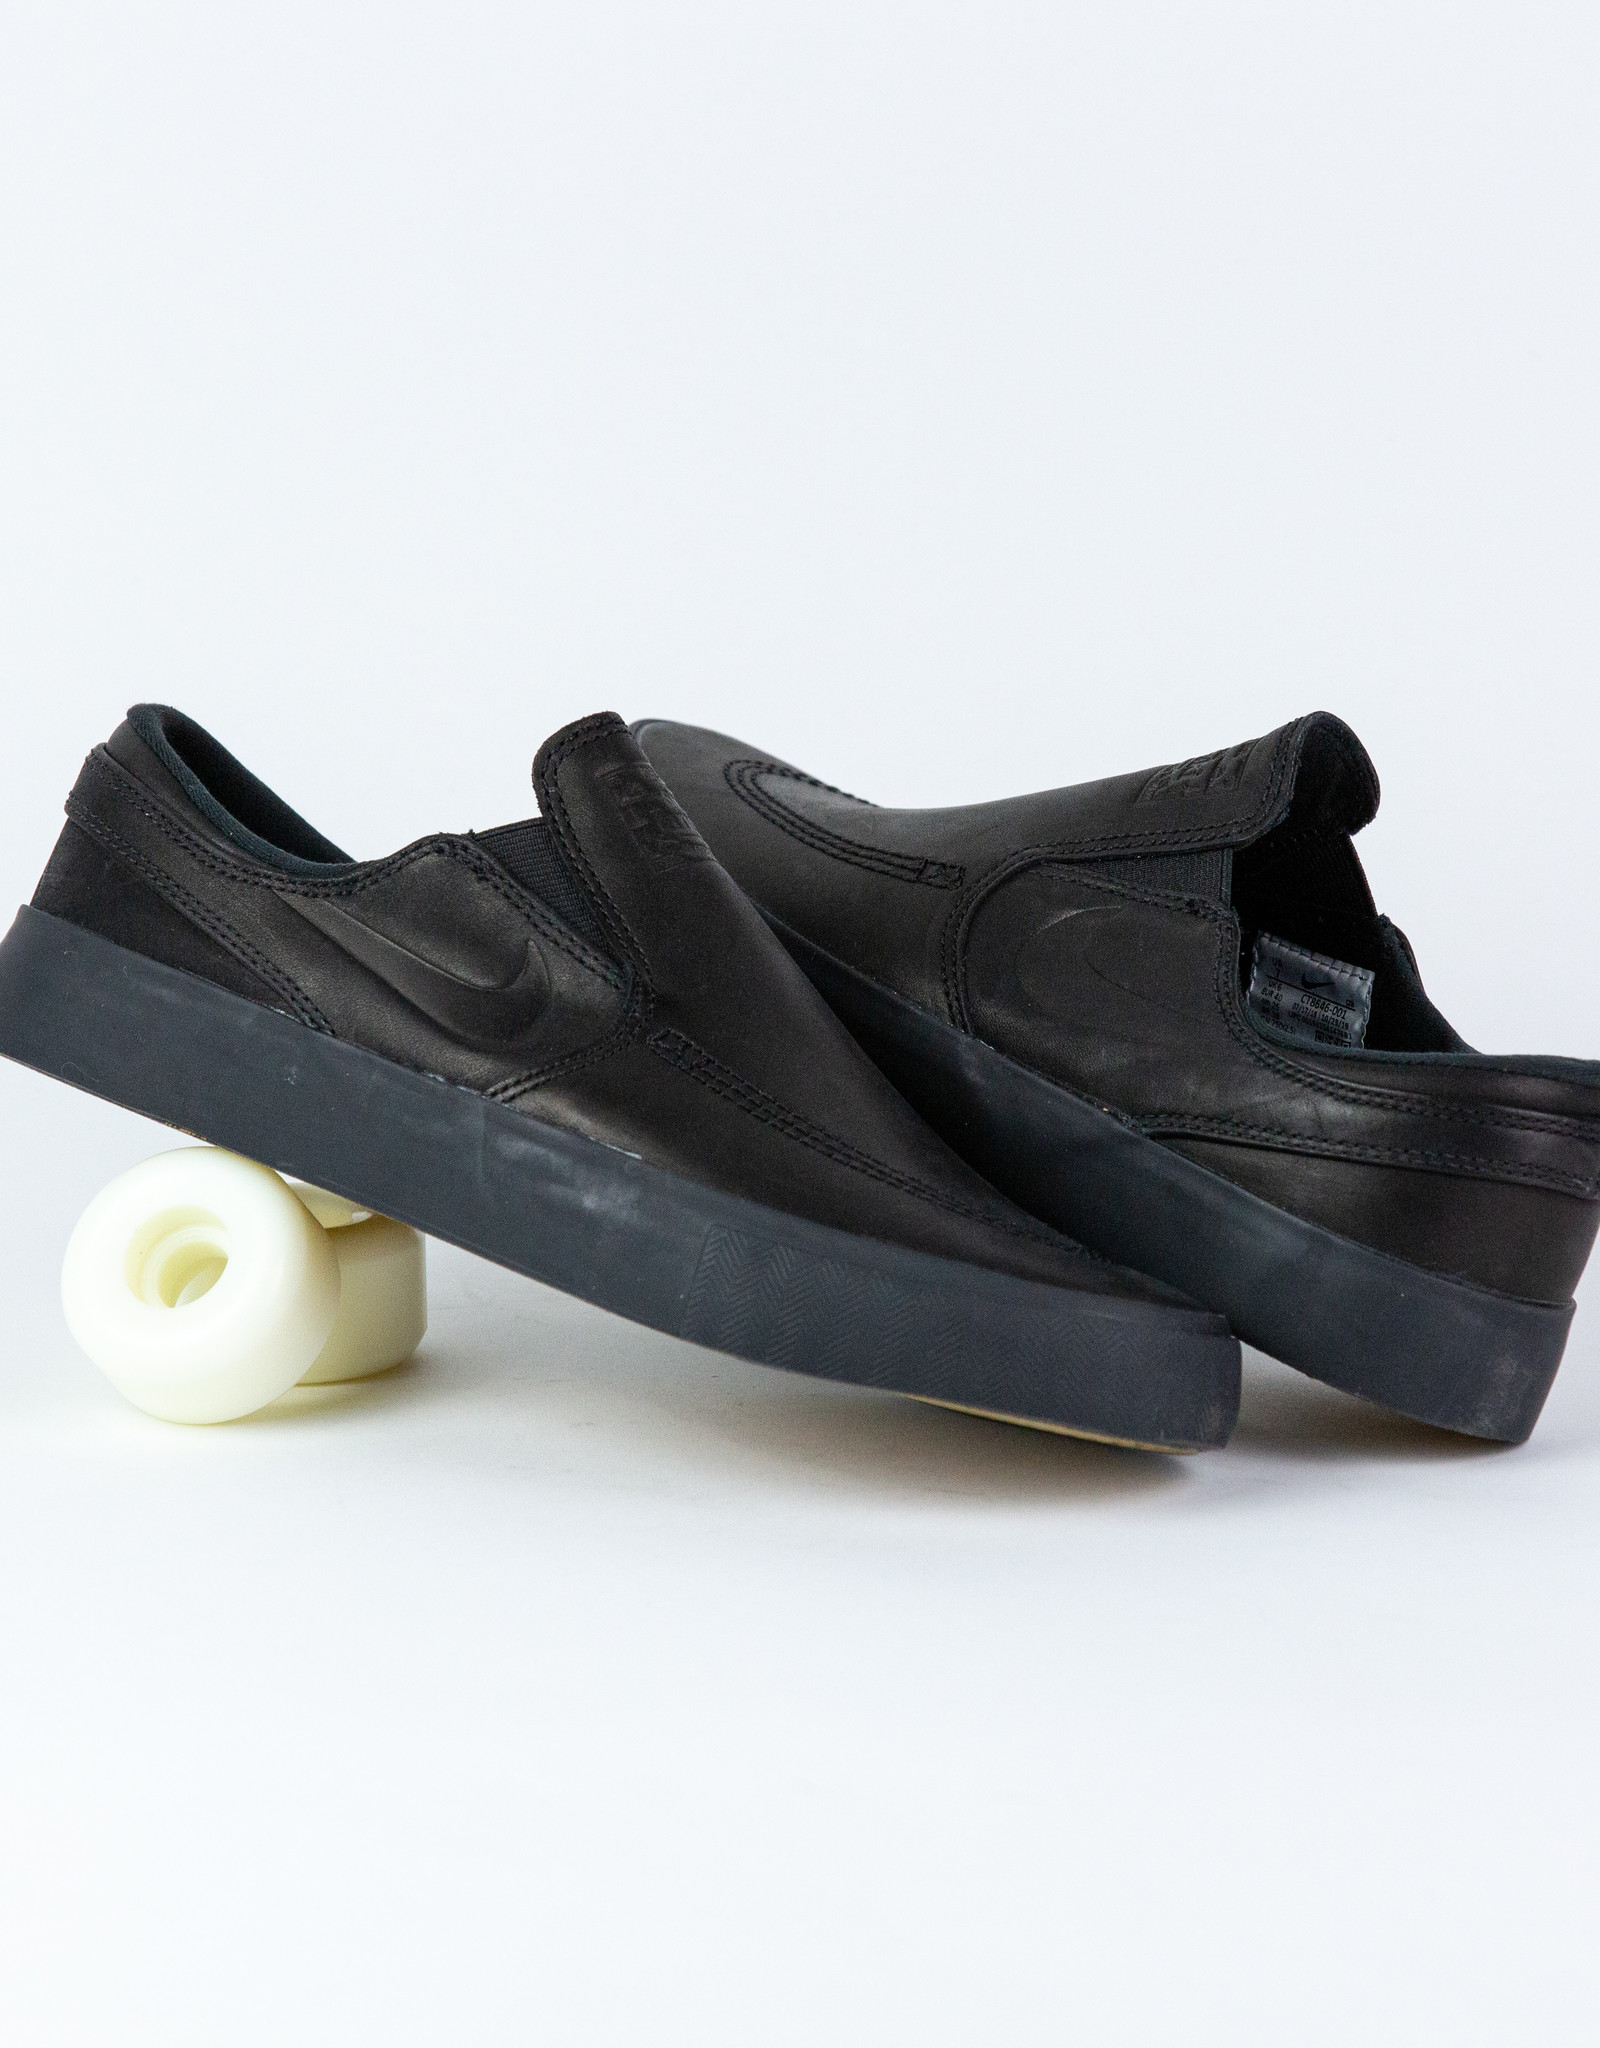 NIKE NIKE SB JANOSKI SLIP RM ISO - (ORANGE LABEL) BLACK/BLACK